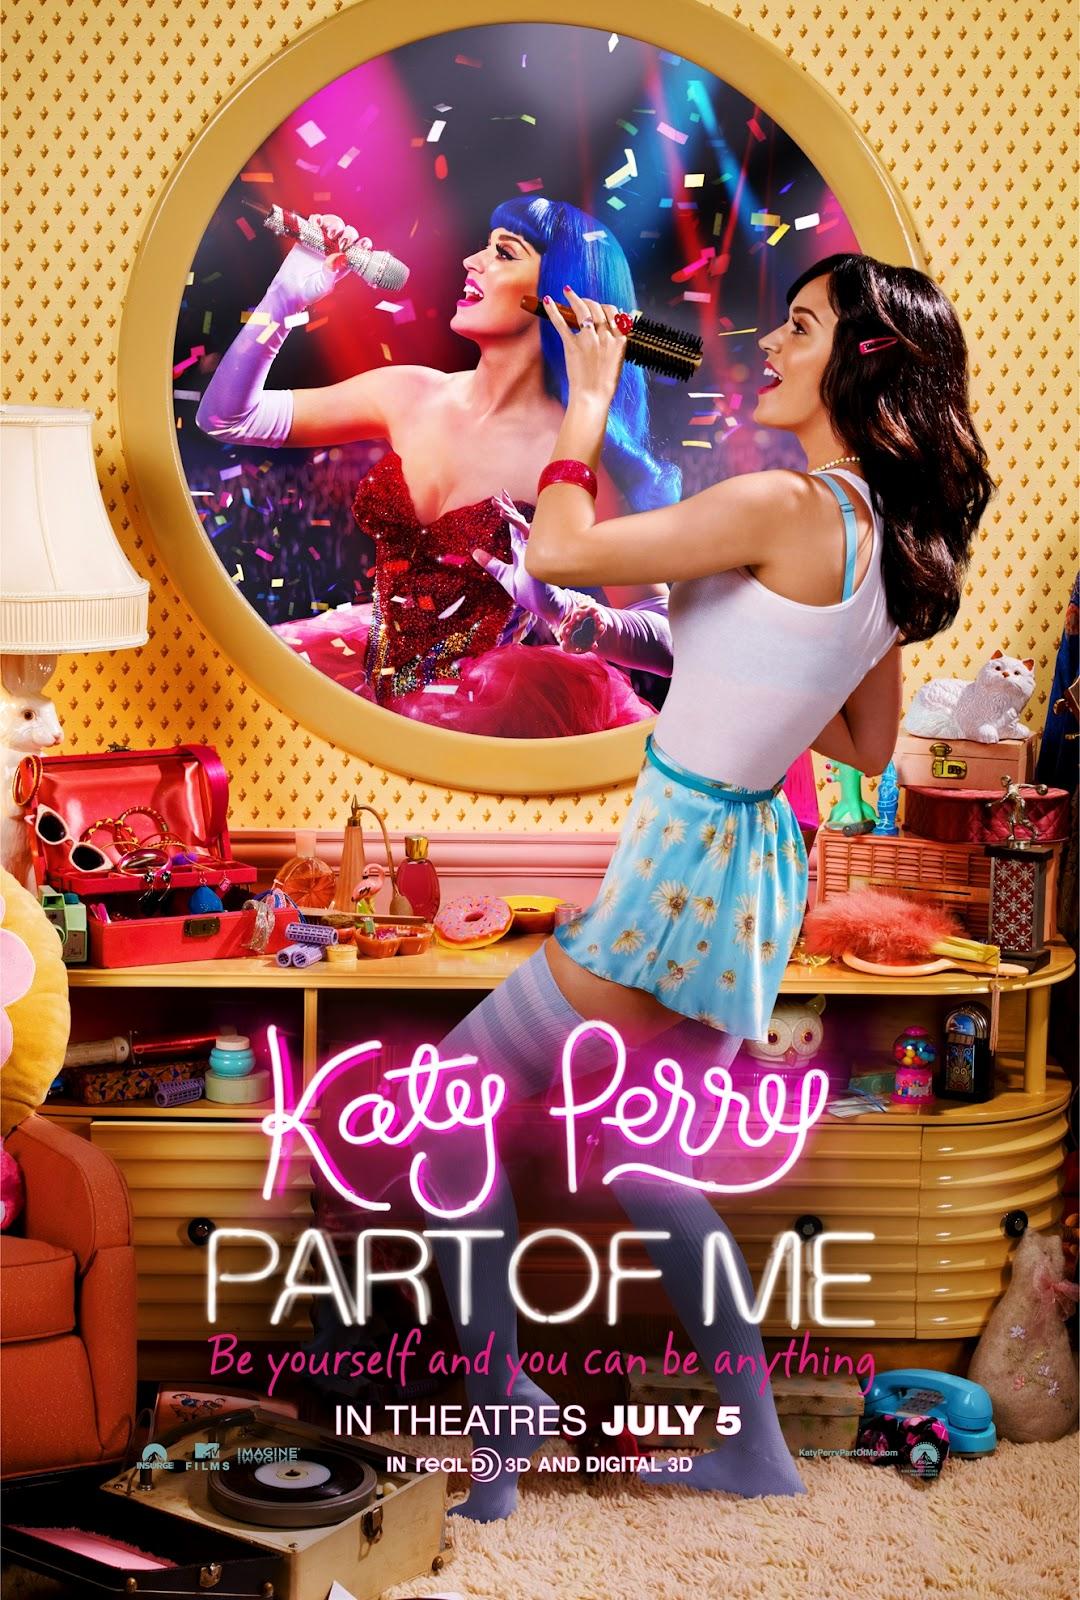 http://3.bp.blogspot.com/-hZ6Ni0-oHY8/T8y1WIlAcKI/AAAAAAAAAHs/DIs66yvJ-yg/s1600/Katy+Perry.jpg